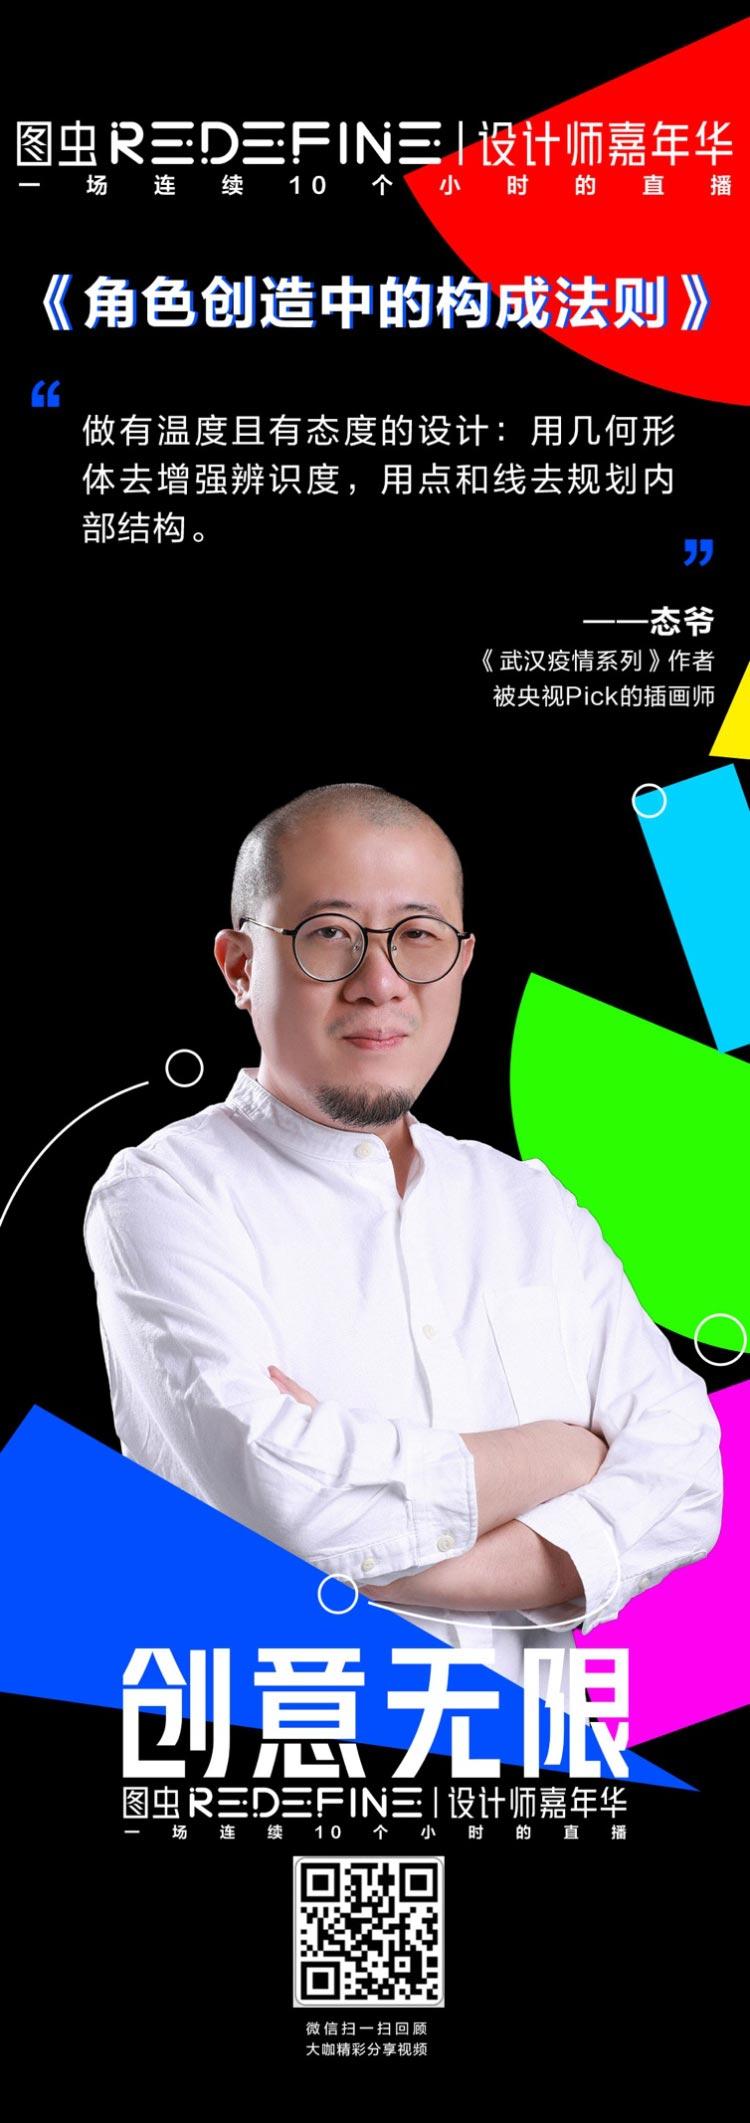 图虫设计师嘉年华,众多设计大咖分享超实用干货